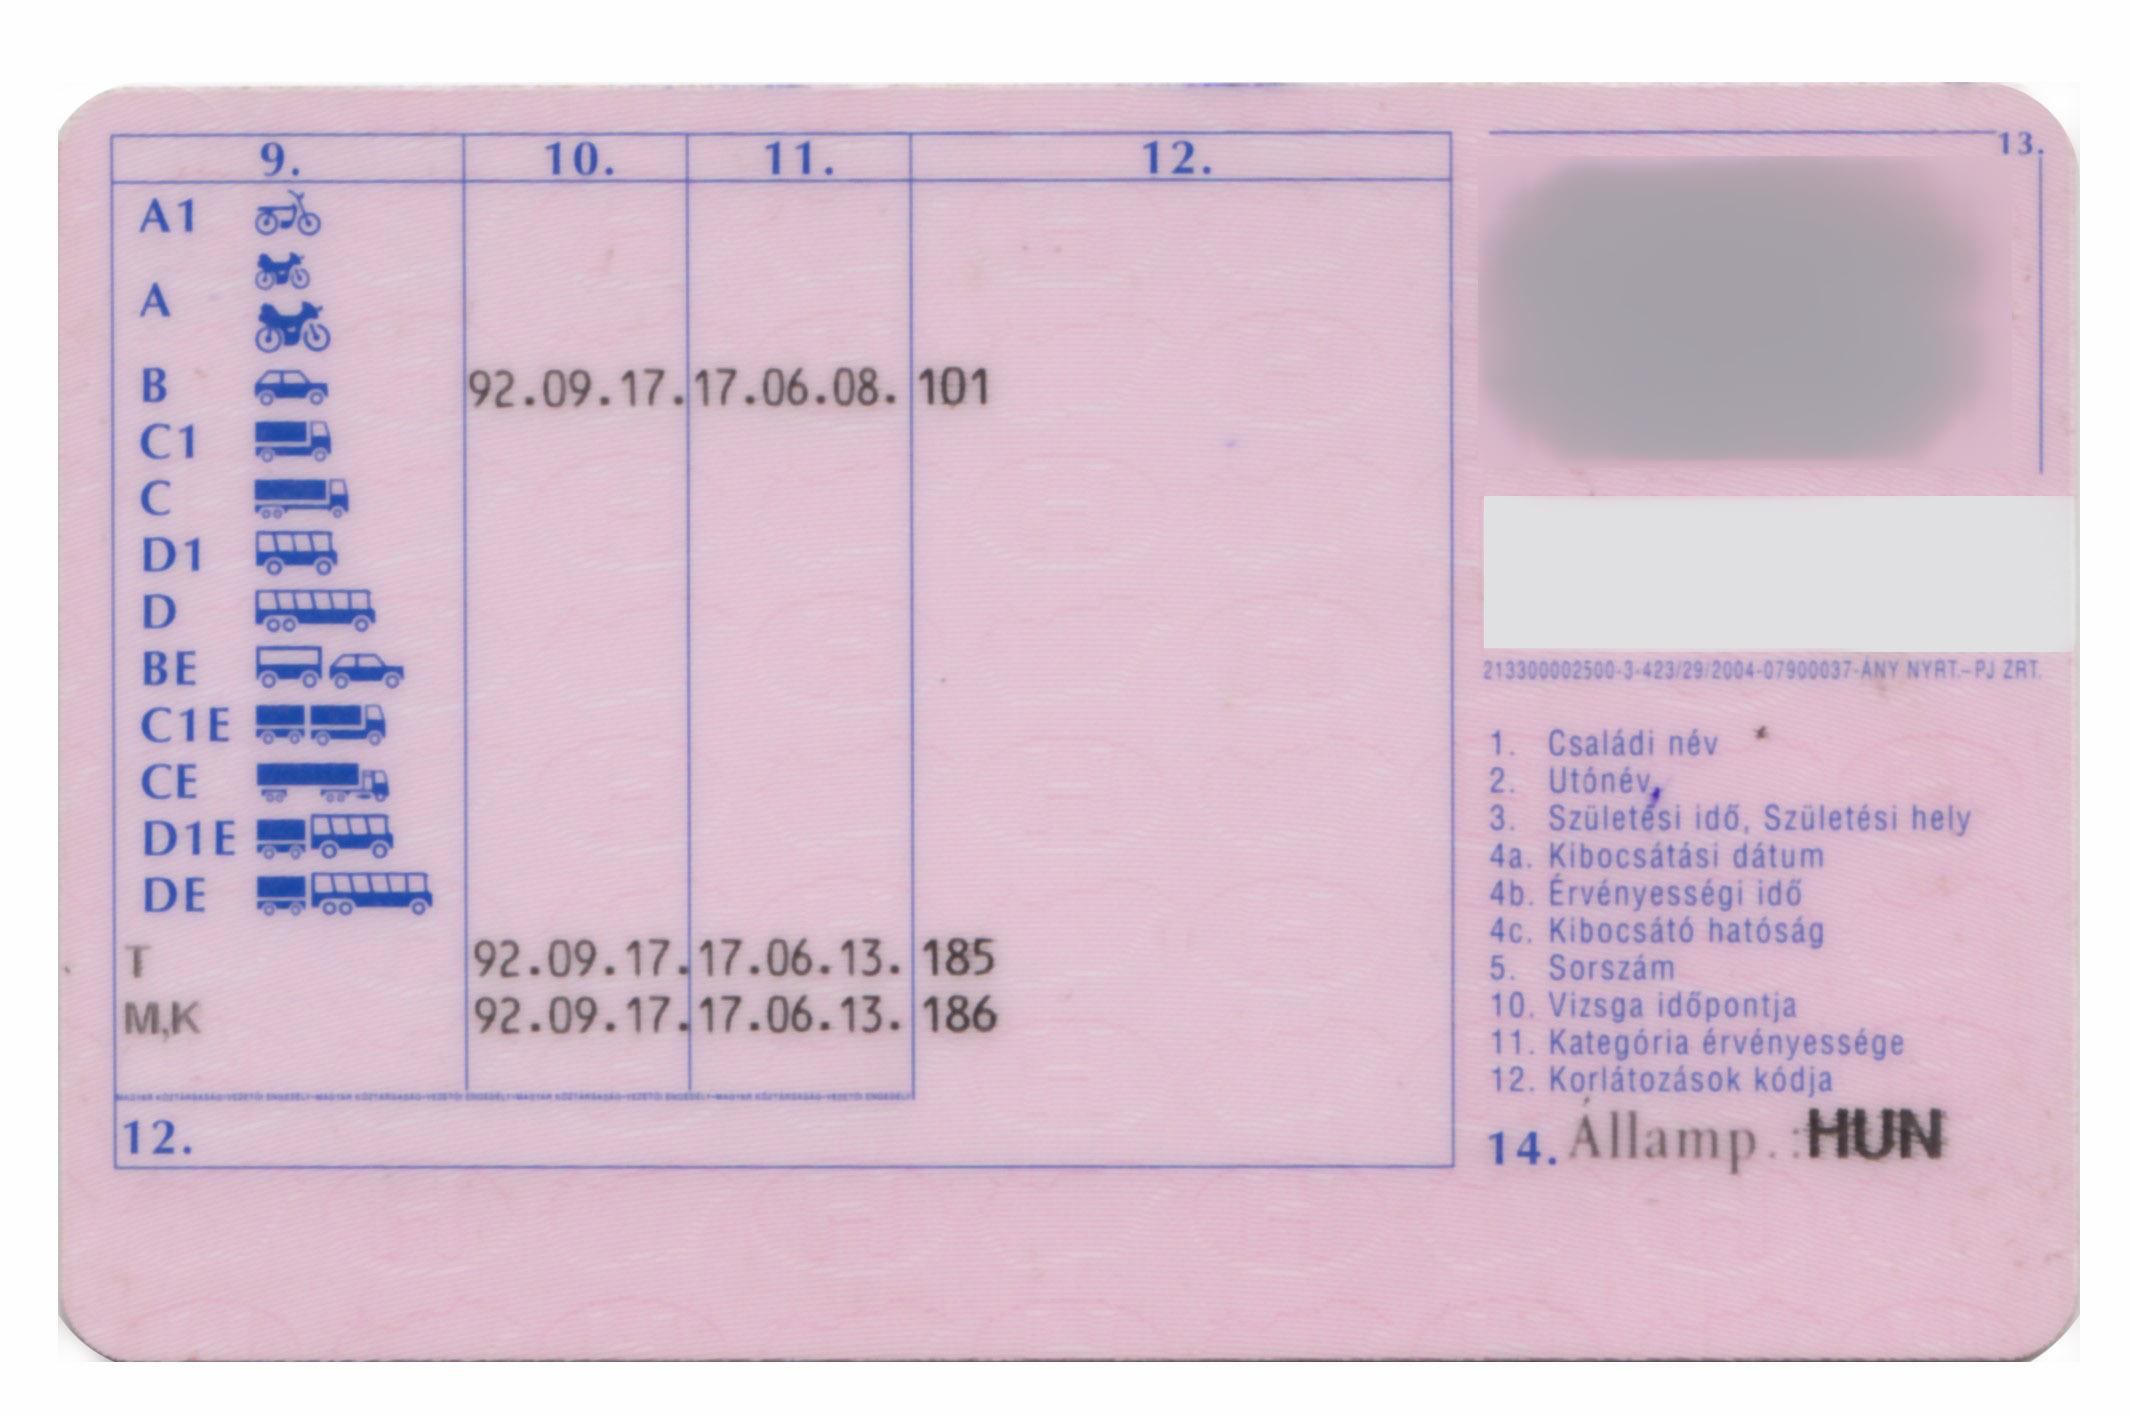 C kategóriás jogosítvány használata